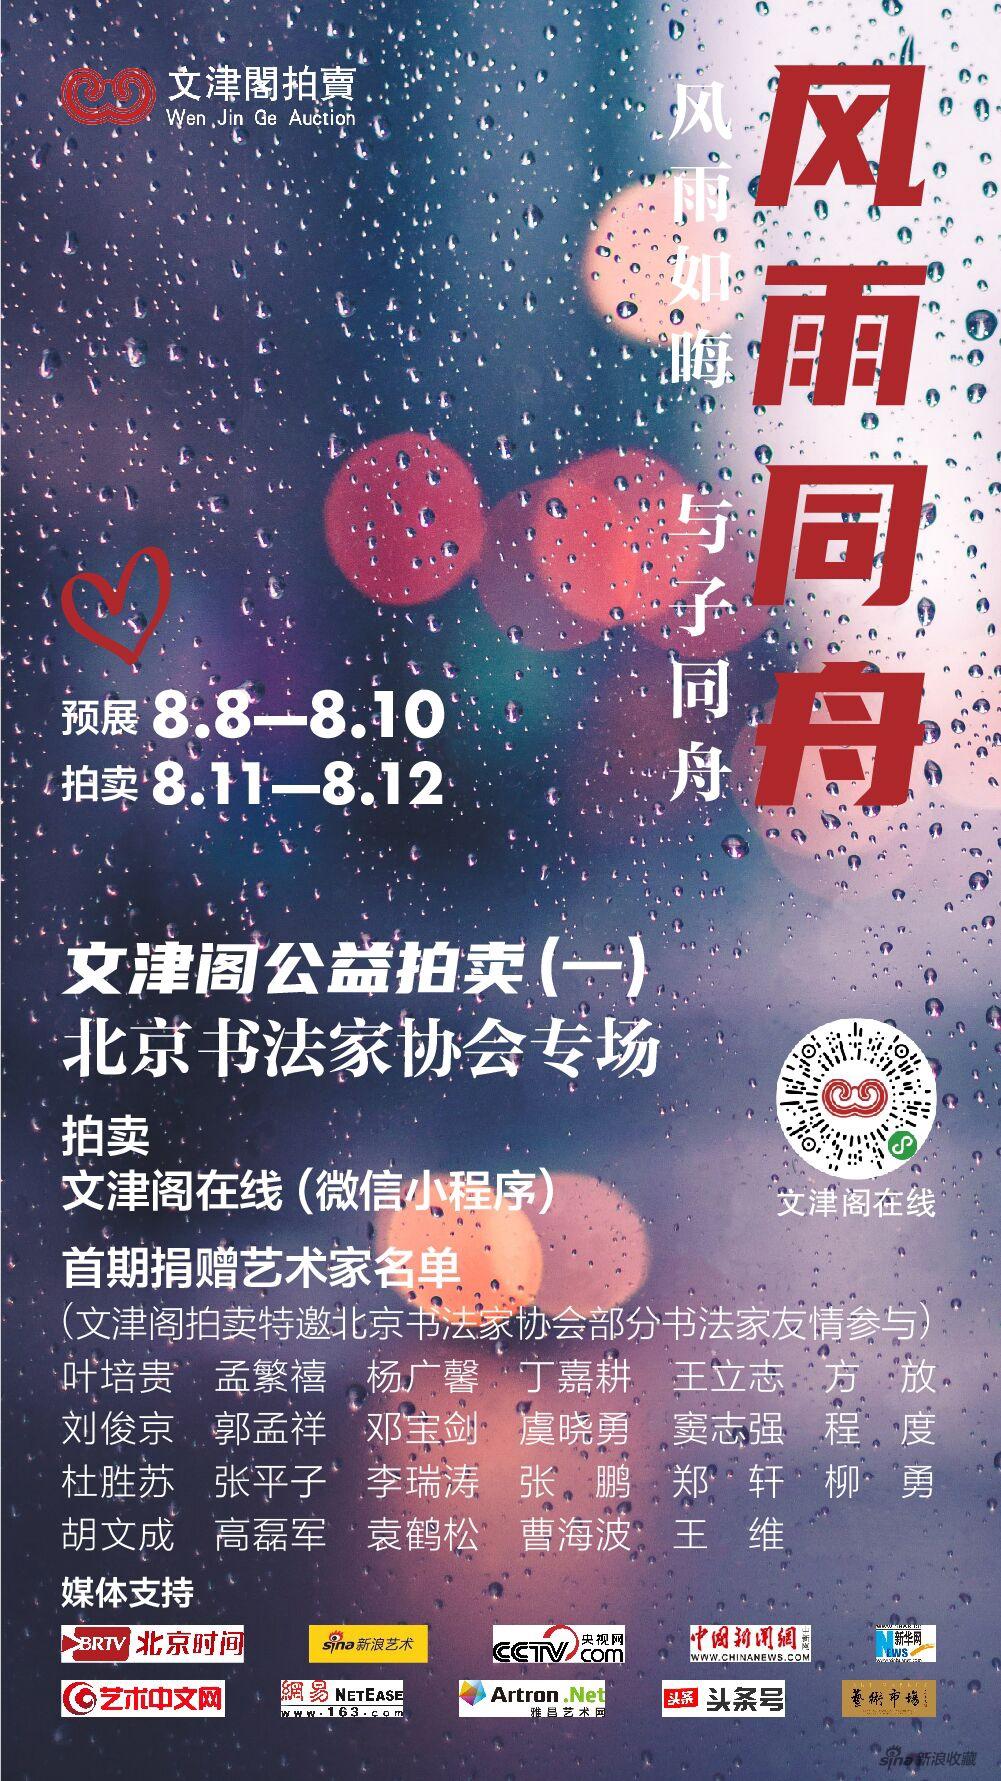 風雨同舟   文津閣公益拍賣(一):北京書協專場